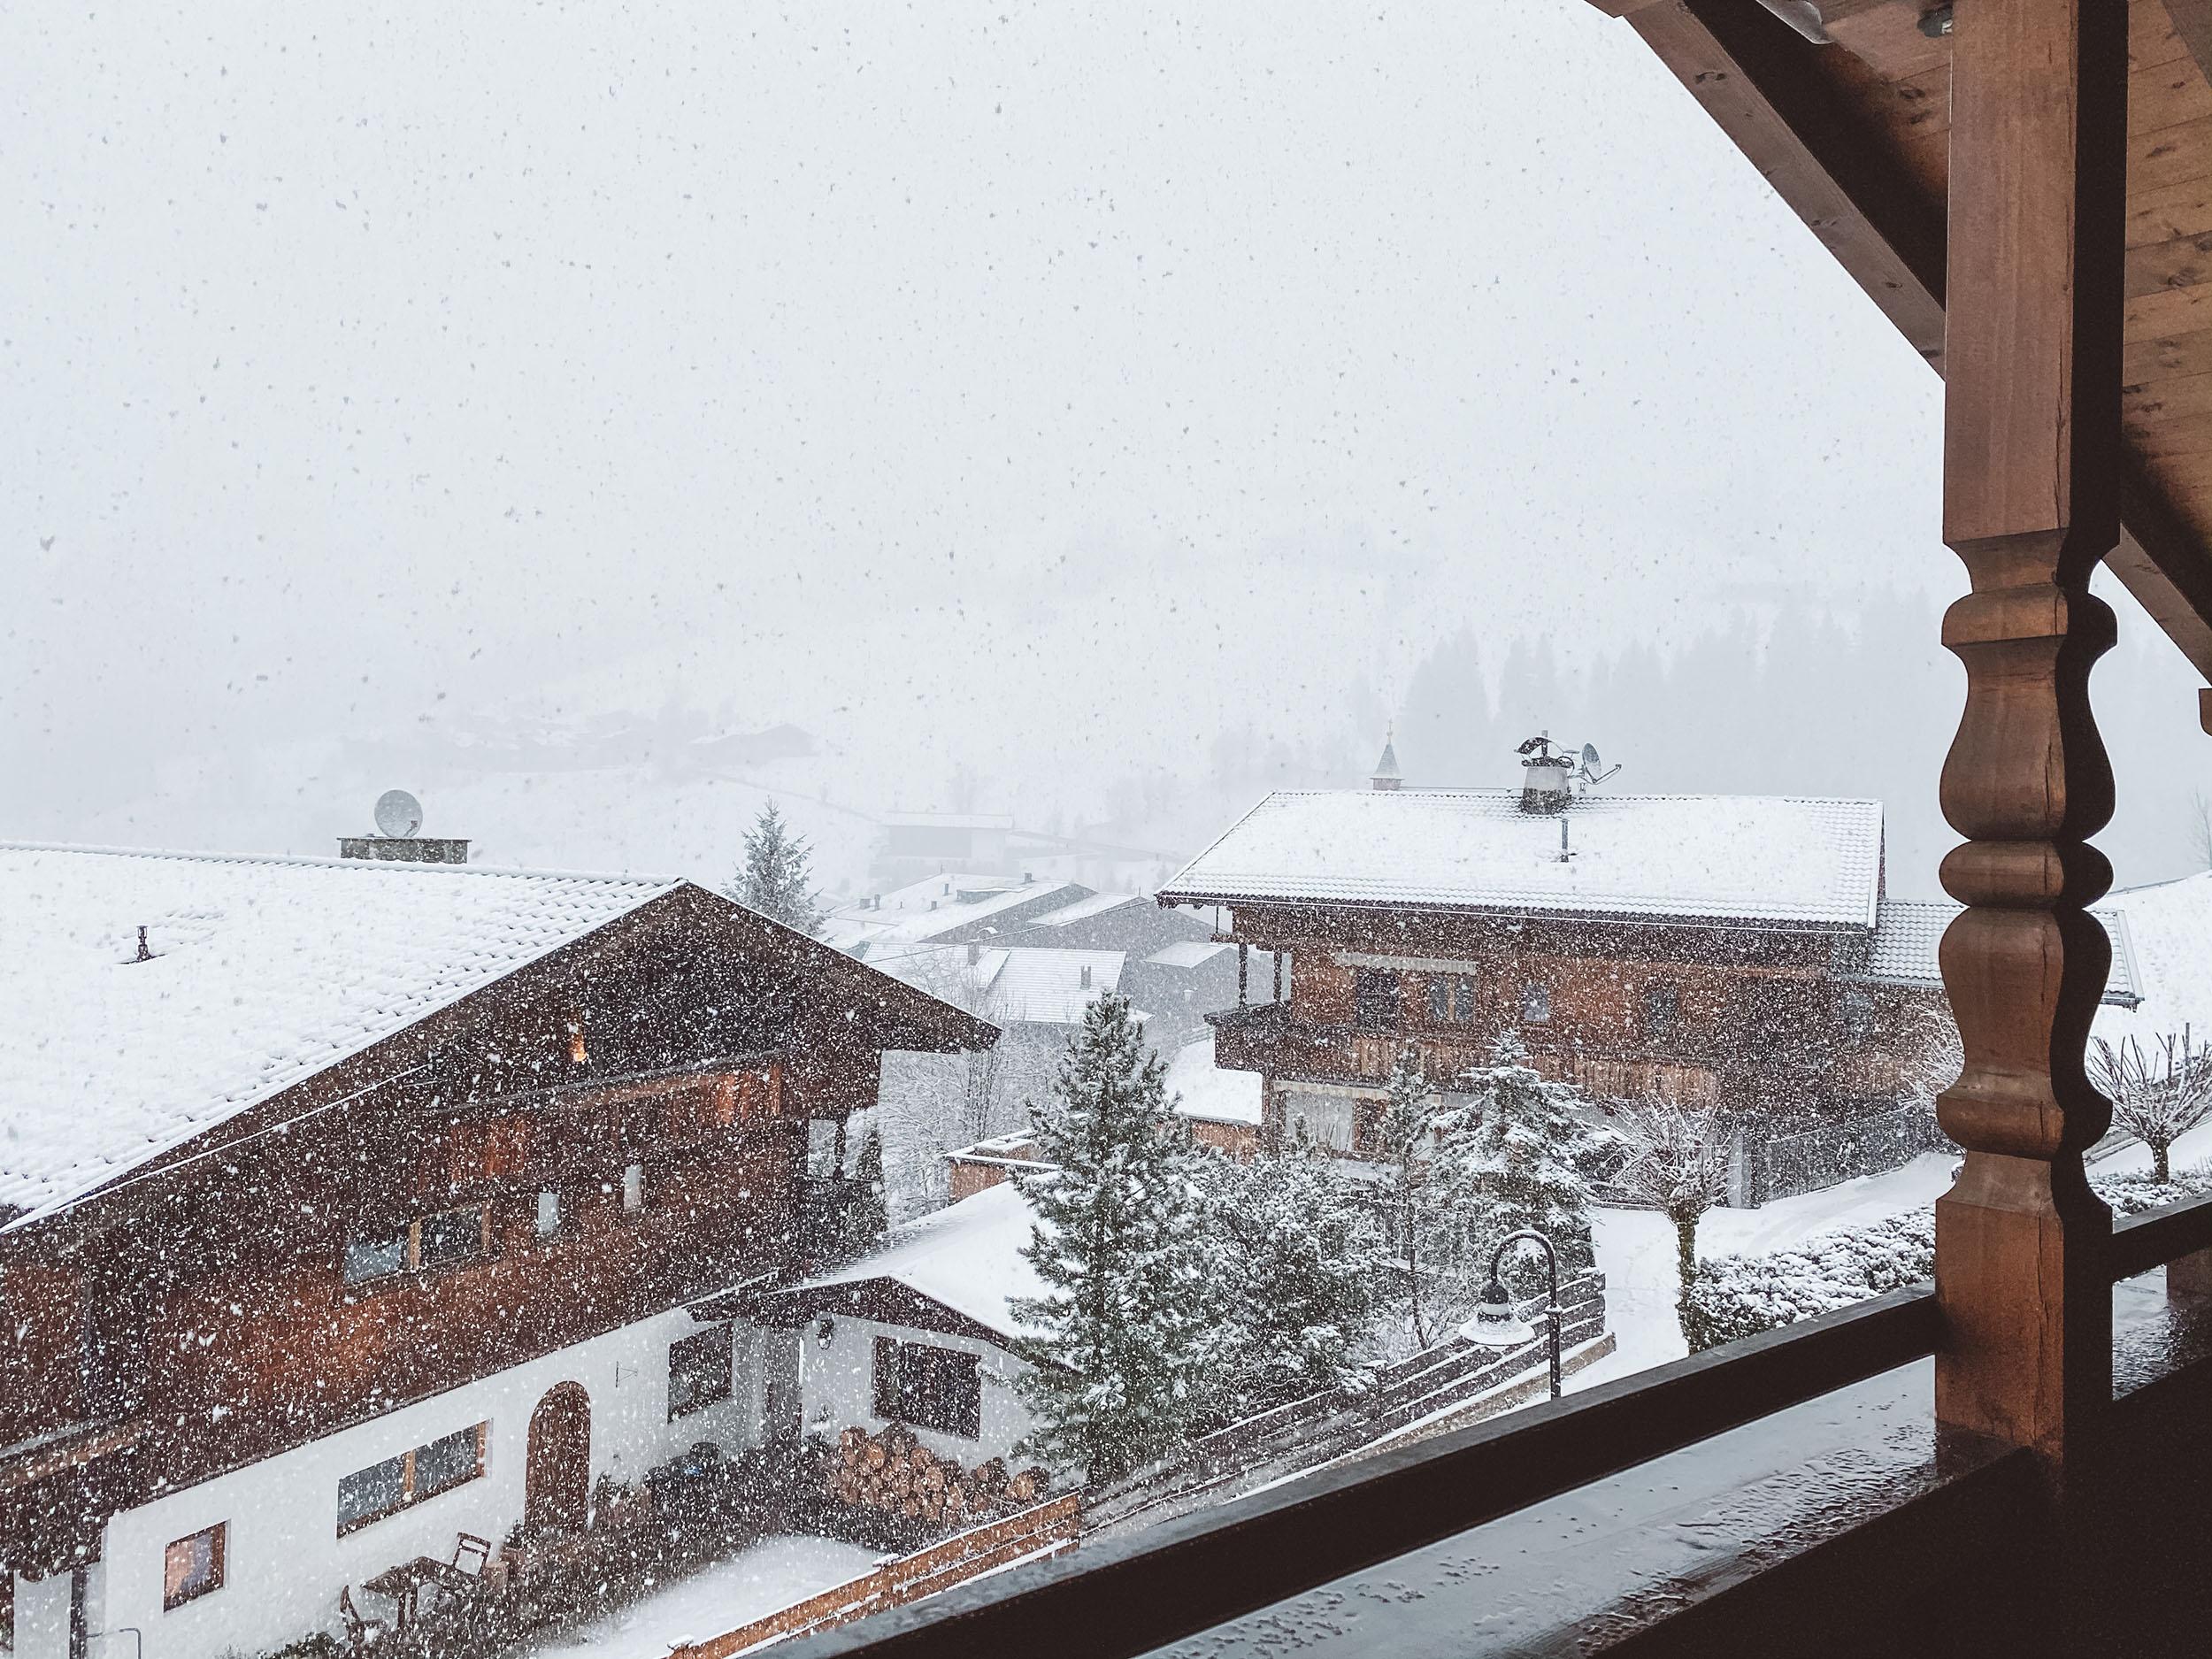 Tyrolskie miasteczko Alpbach, Austria